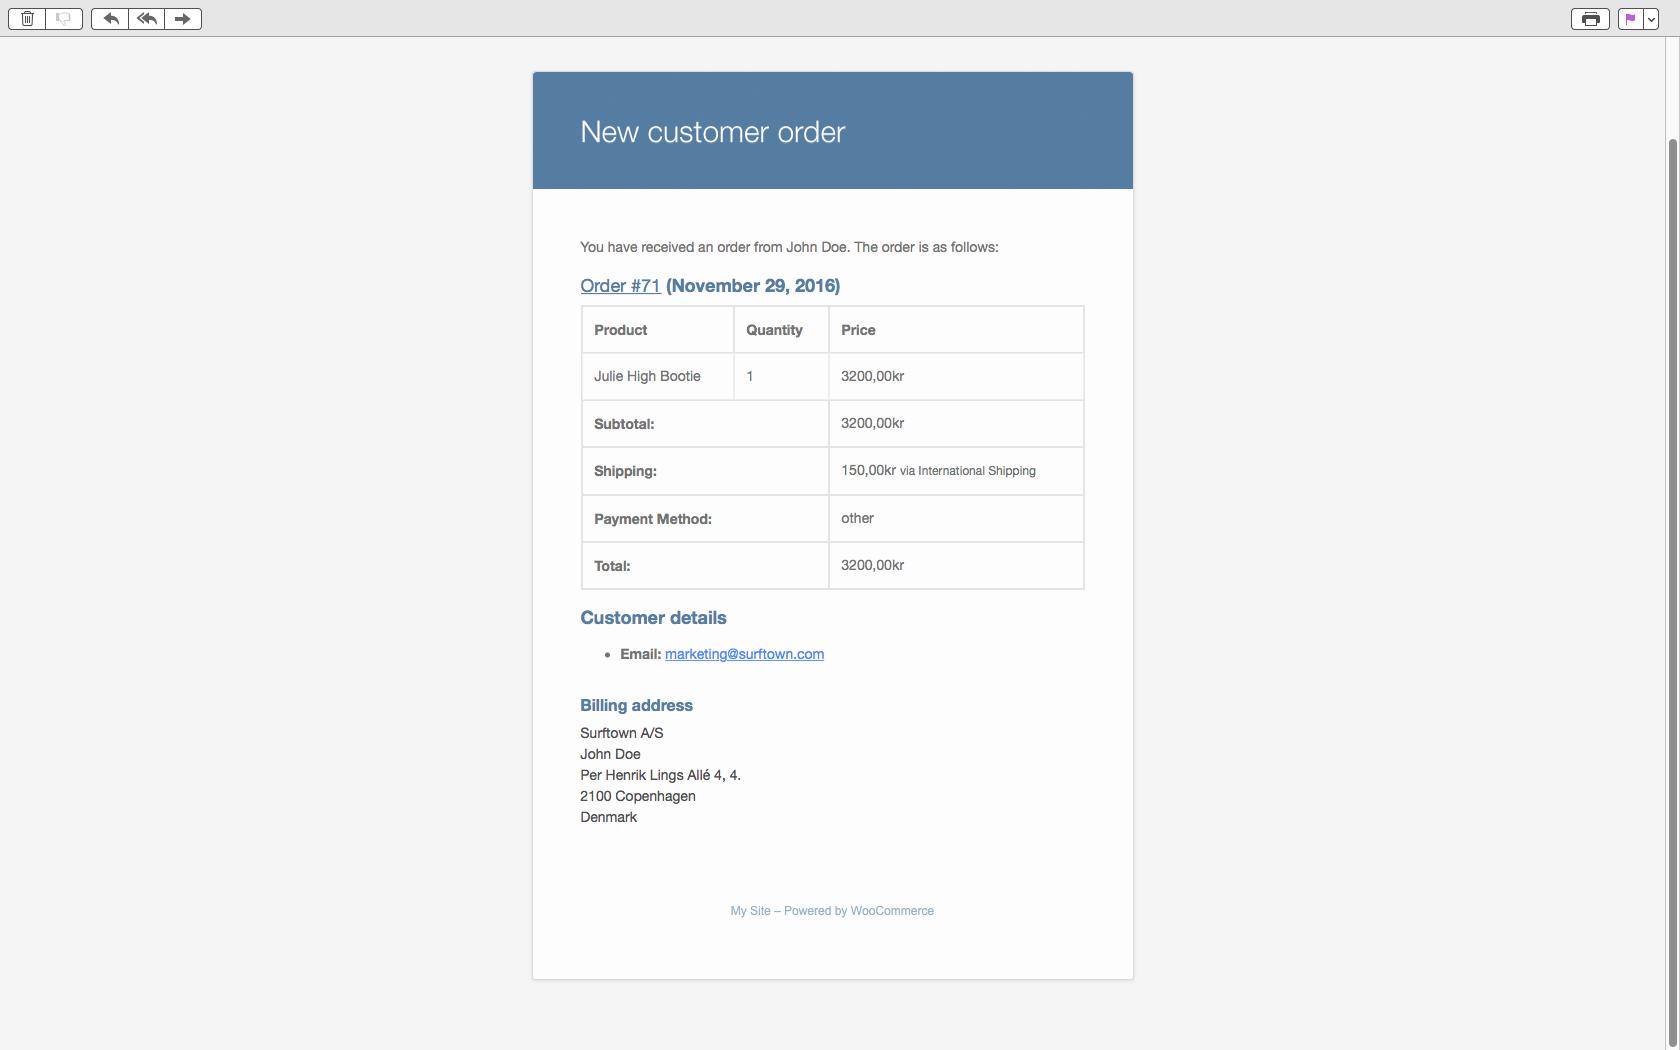 WP Shop - Emailnotifikation ved bestillinger